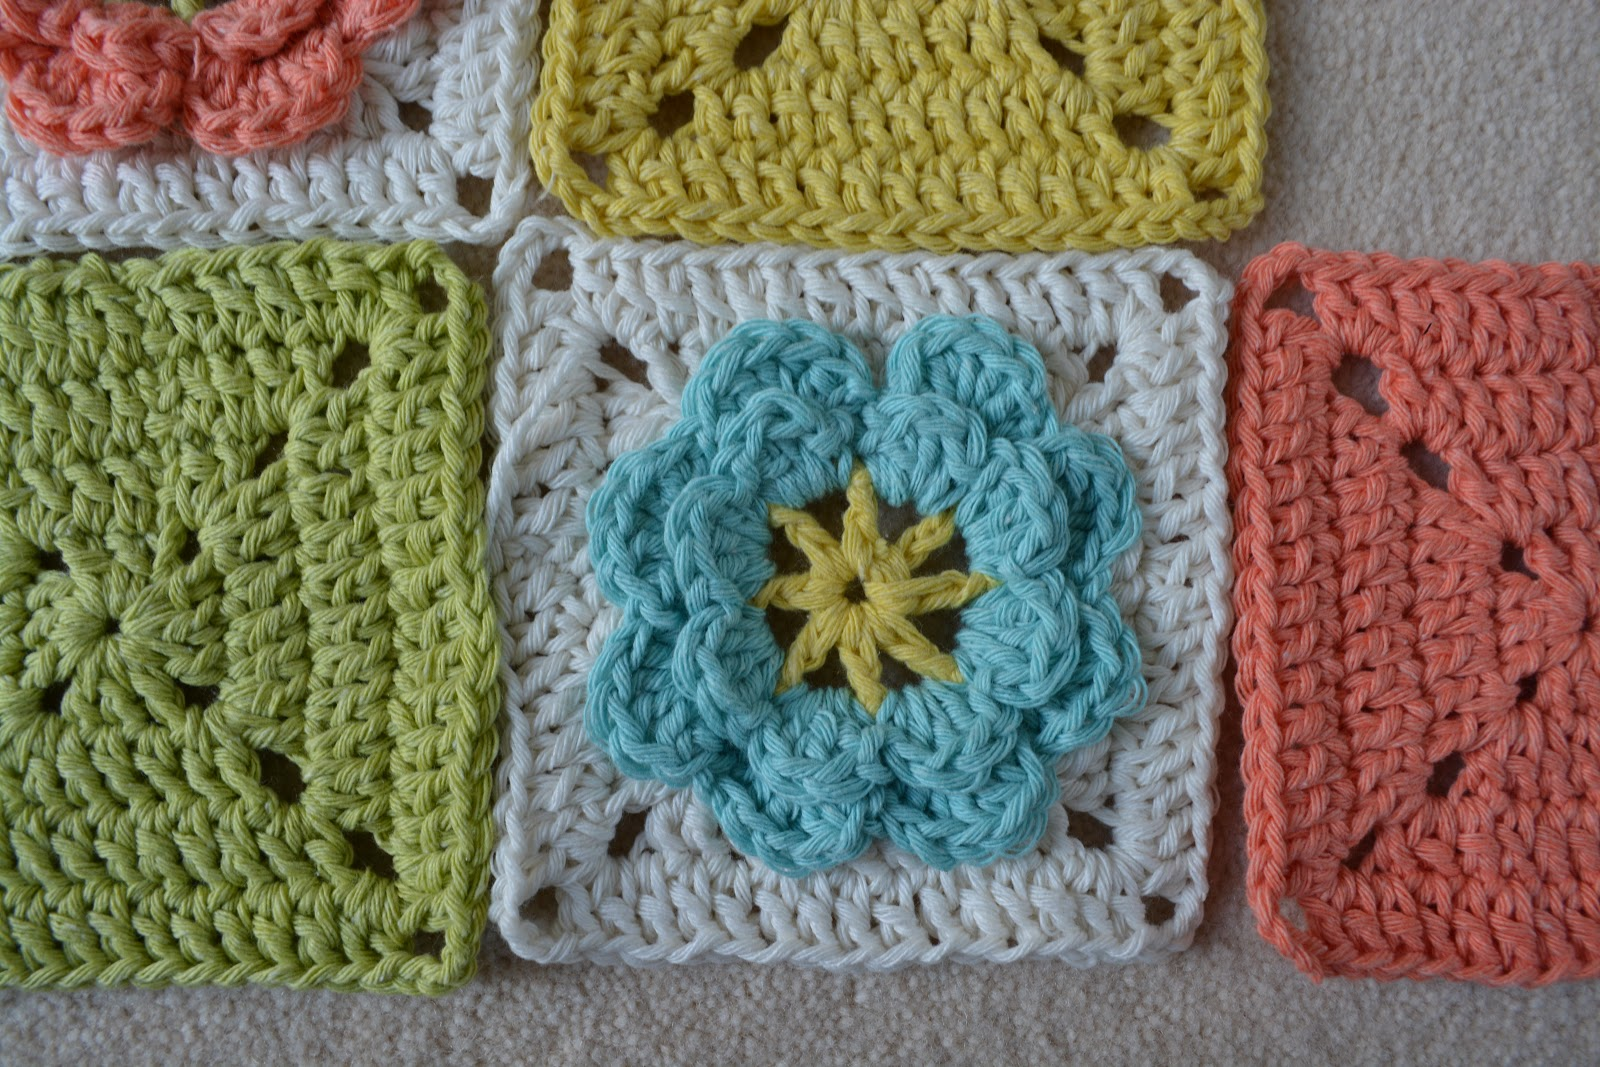 hazeybee: A different yarn - Sirdar Recycled Aran